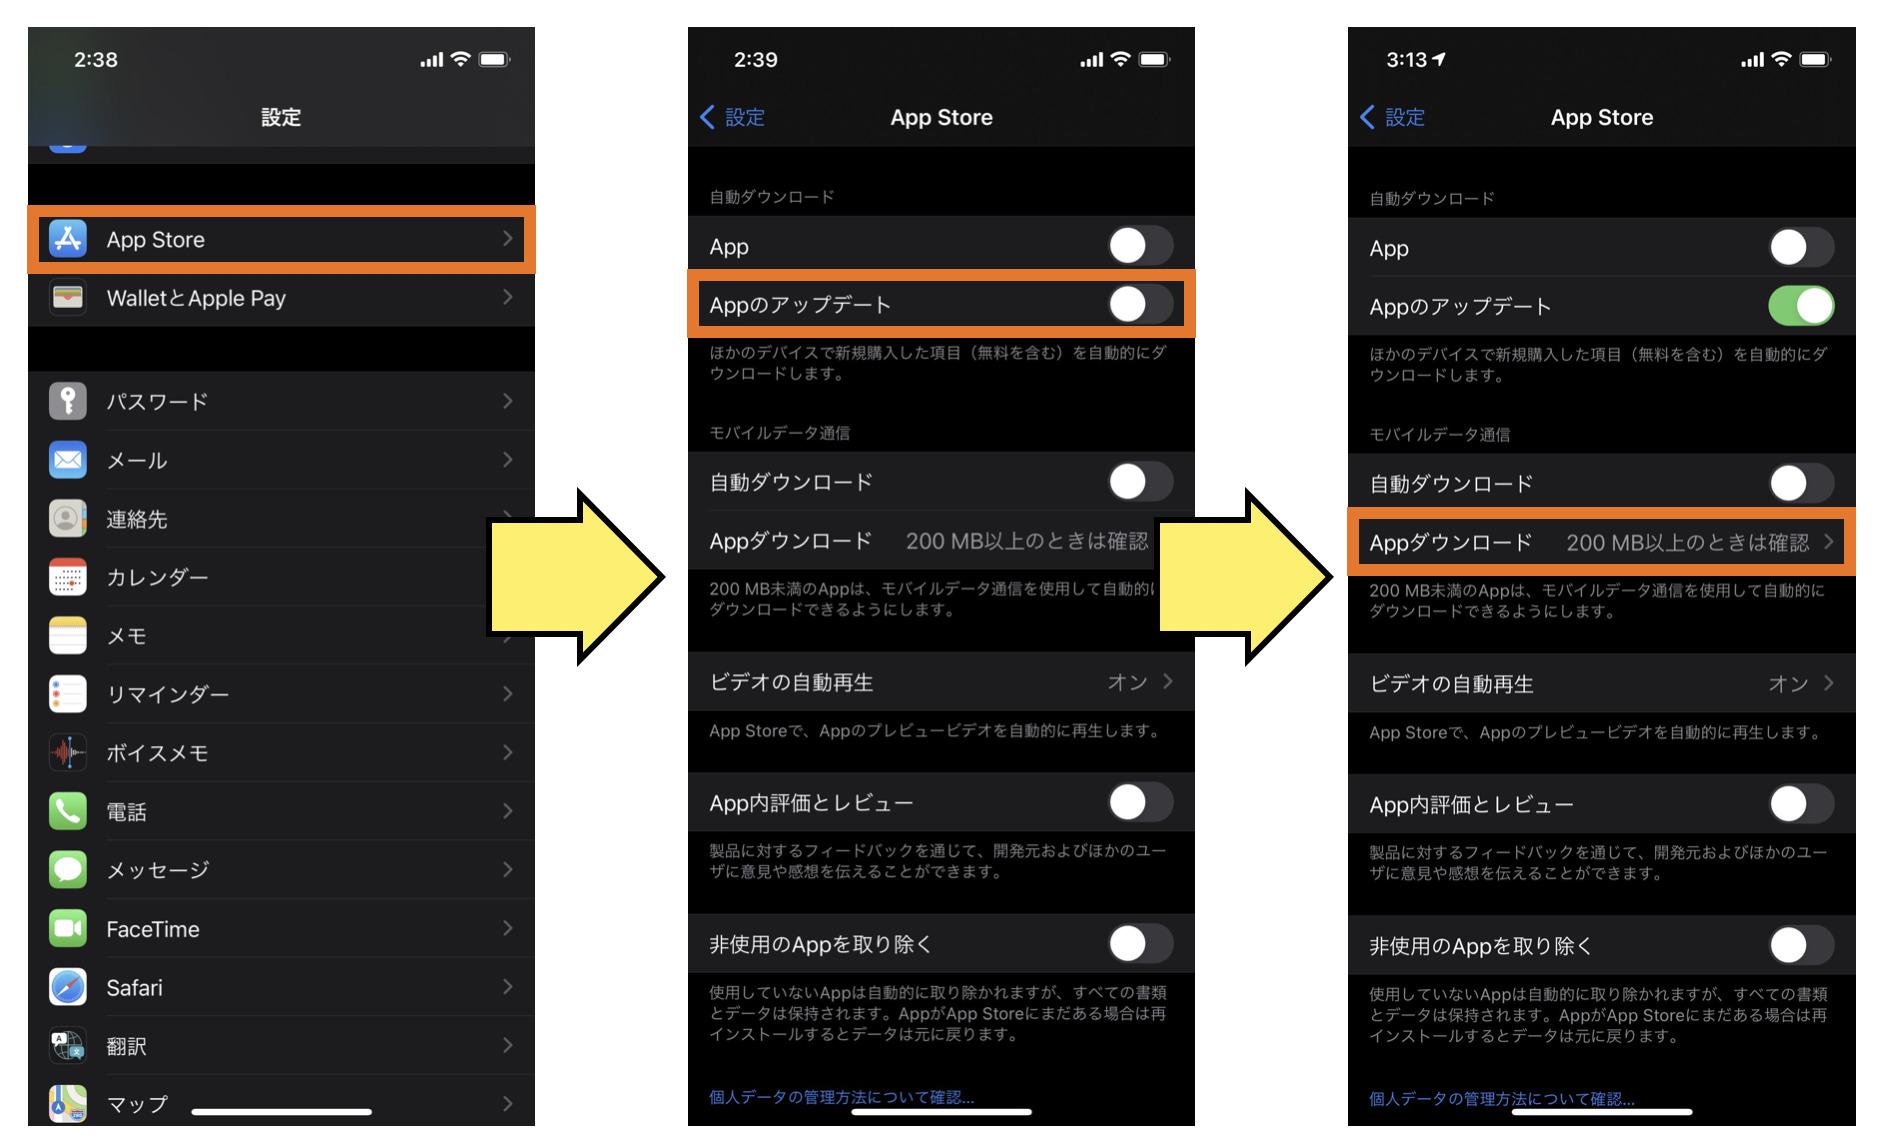 iPhoneでTwitterのアプリを自動更新する方法